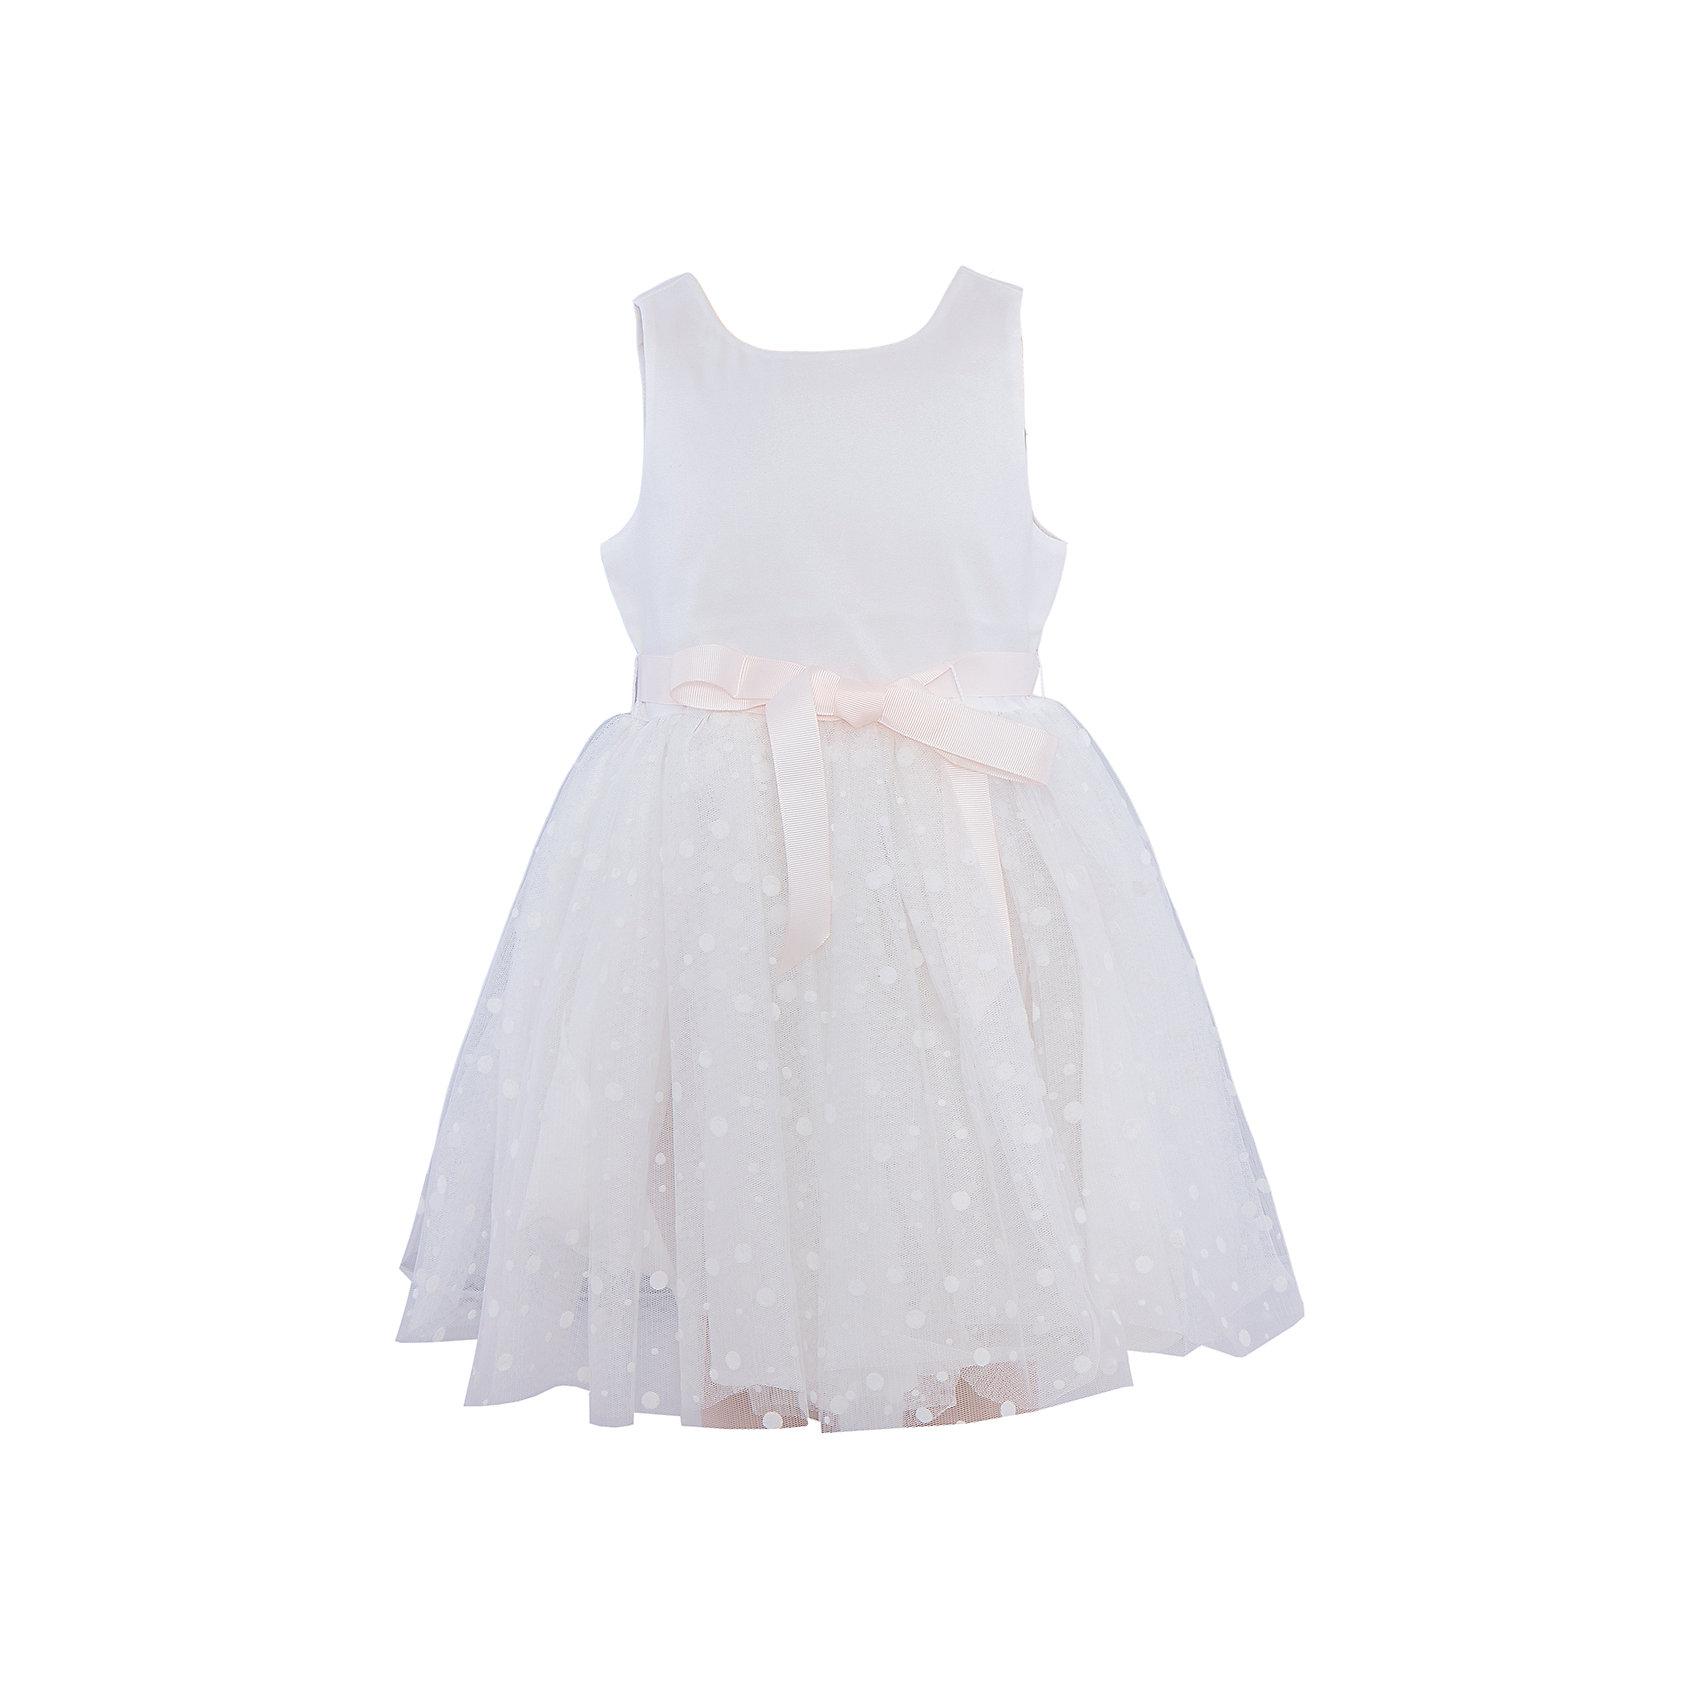 Нарядное платье для девочки SELAПлатье для девочки SELA.<br><br>Характеристики:<br><br>• Цвет молочный.<br>• Рукав короткий.<br>• Силуэт расклешенный.<br>• Состав: верх:100% ПЭ; низ:100% ПЭ; подкладка:100% хлопок.<br><br>Очаровательное платье для девочки от популярного бренда SELA приведет в восторг любую модницу! Нарядное платье выглядит очень нежно, легко, оно выполнено из воздушного материала , мягкого и приятного к телу. Поясок выполнен в виде атласной ленты. Прекрасное платье для юной прелестницы!<br><br>Платье для девочки SELA, можно купить в нашем интернет - магазине.<br><br>Ширина мм: 236<br>Глубина мм: 16<br>Высота мм: 184<br>Вес г: 177<br>Цвет: белый<br>Возраст от месяцев: 18<br>Возраст до месяцев: 24<br>Пол: Женский<br>Возраст: Детский<br>Размер: 92,116,98,104,110<br>SKU: 5078934